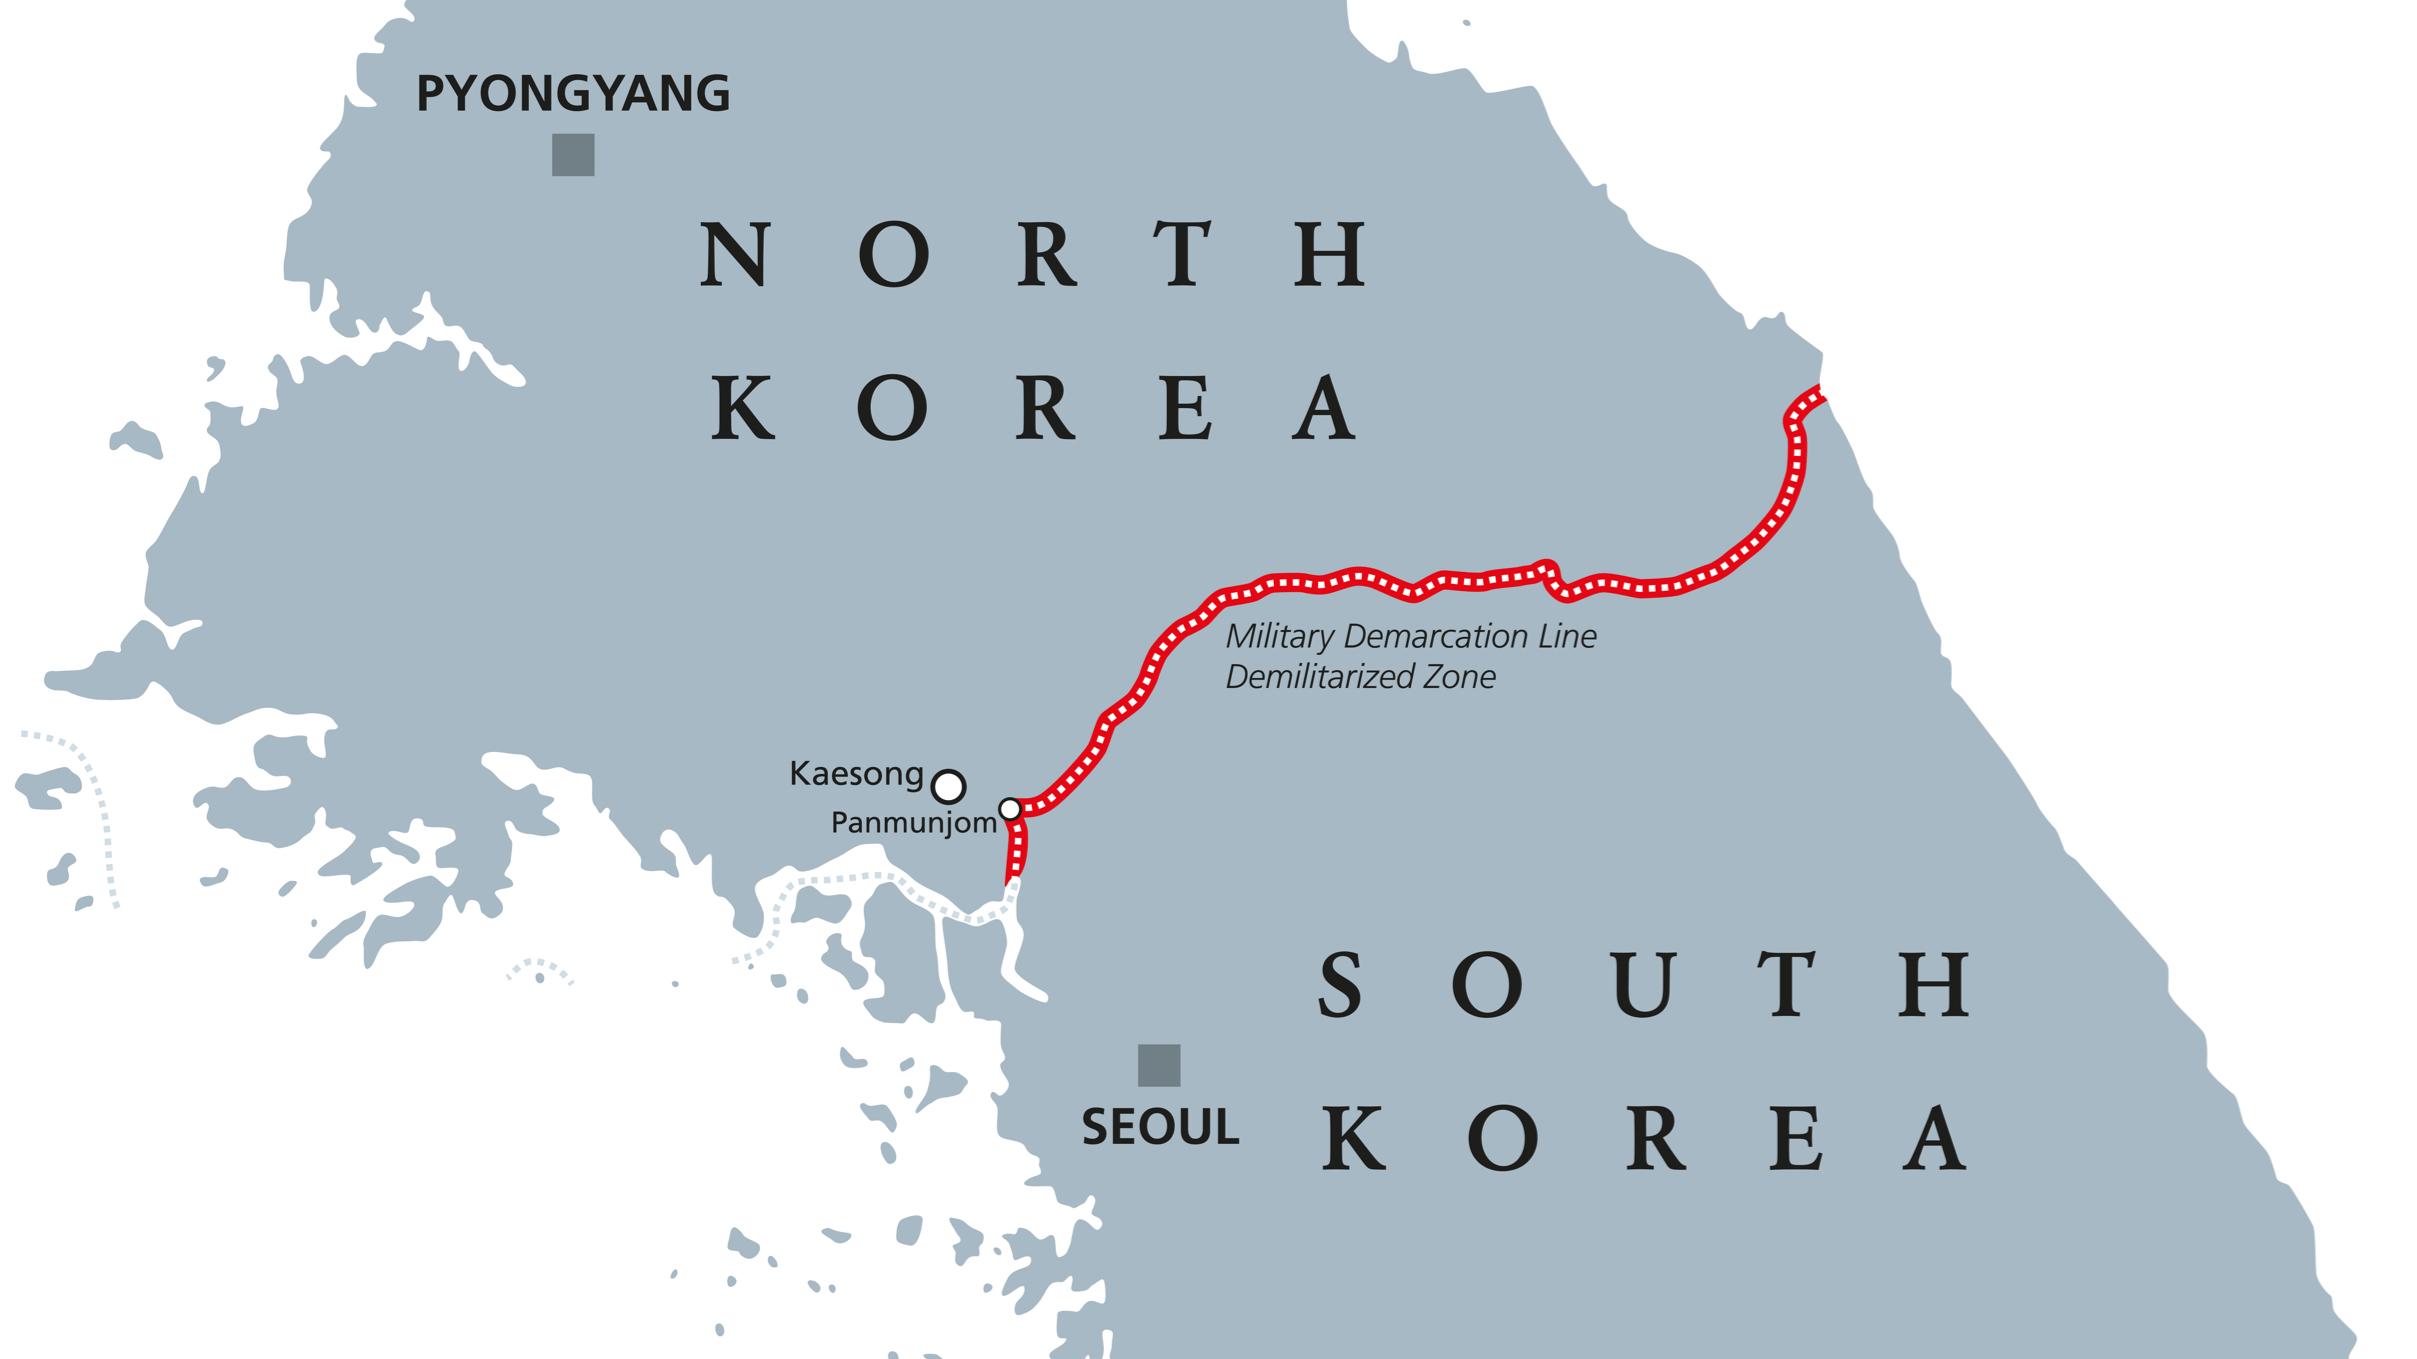 研究会「板門店体制とはなにか:朝鮮戦争の克服と東アジアの平和のために」